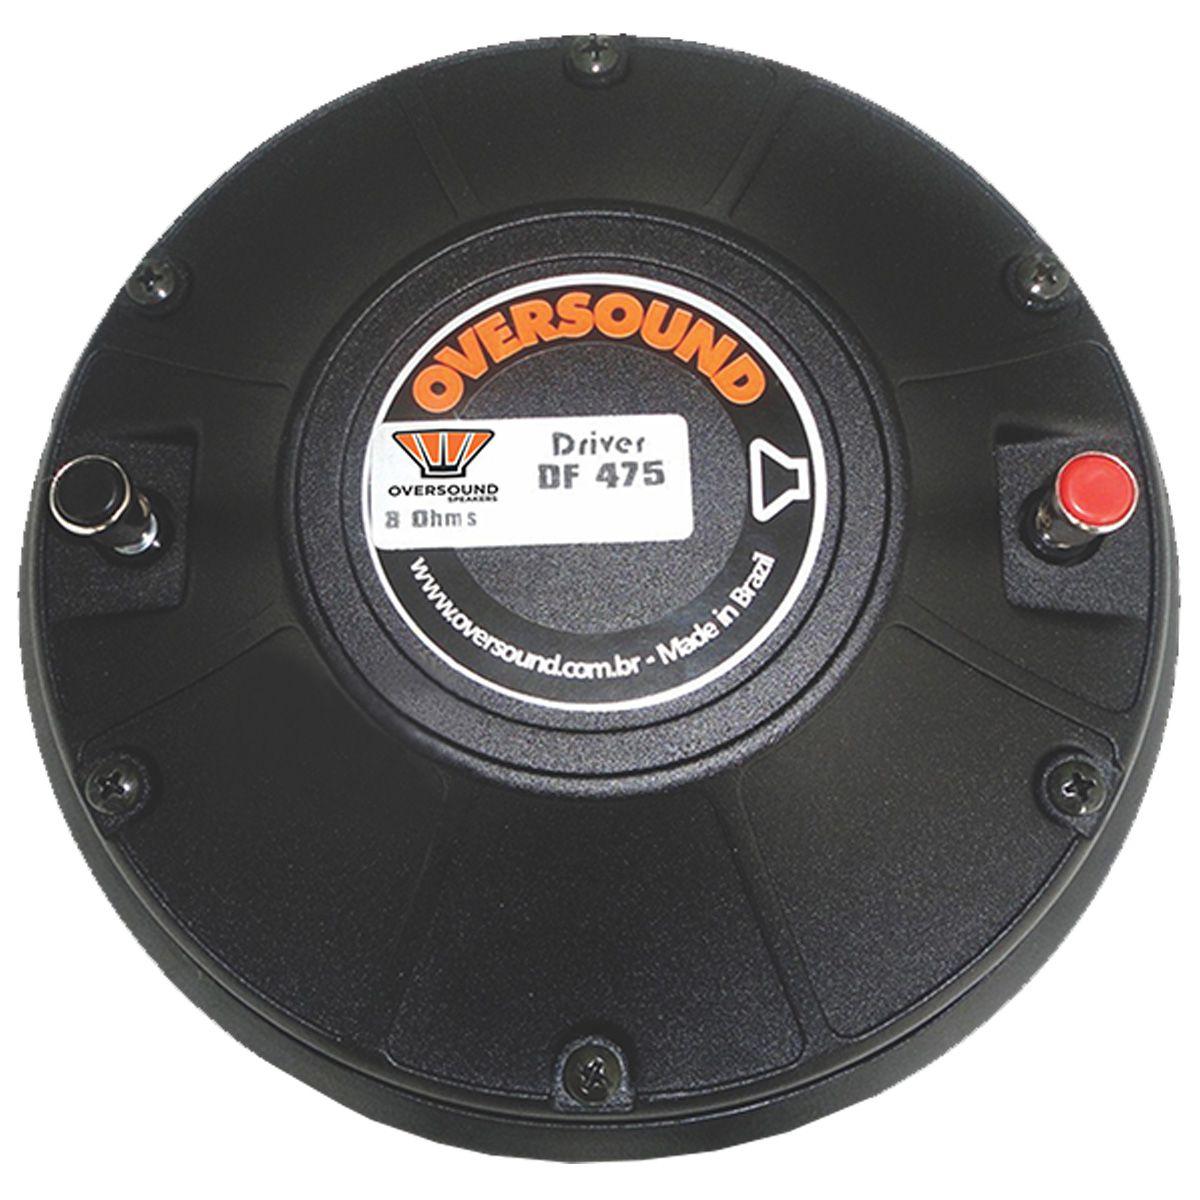 Driver DF 475 - Oversound  - RS Som e Luz!